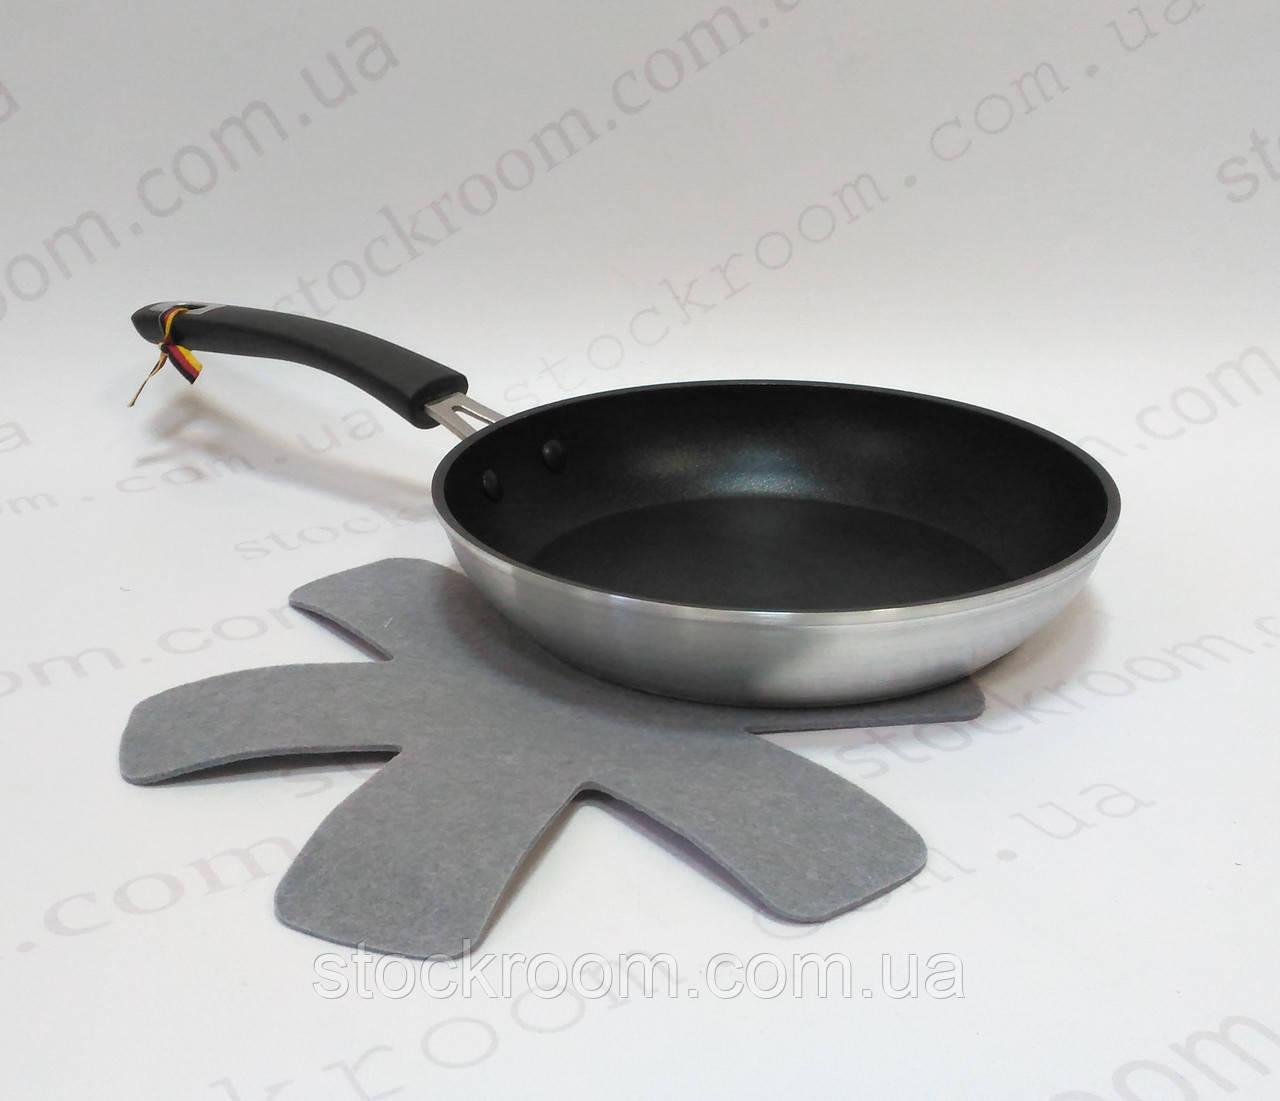 Сковорода с антипригарным покрытием Krauff 25-45-078 Ø26 см